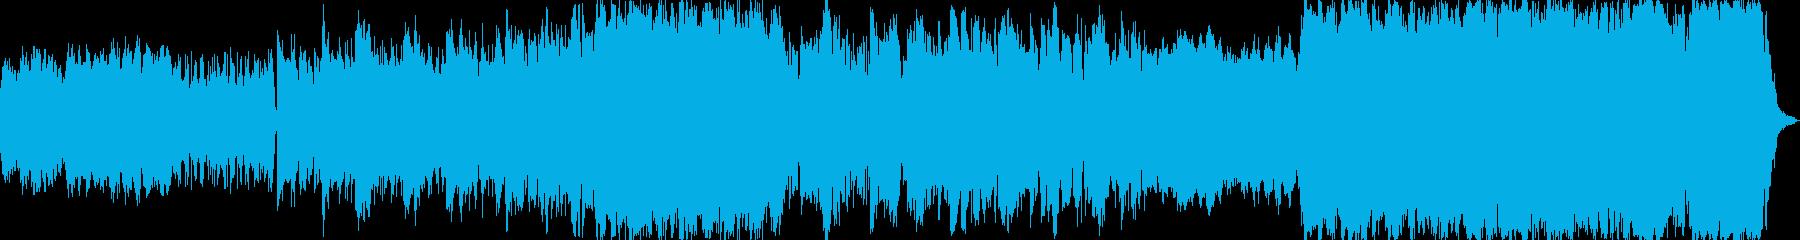 亜大陸的な壮大楽曲の再生済みの波形